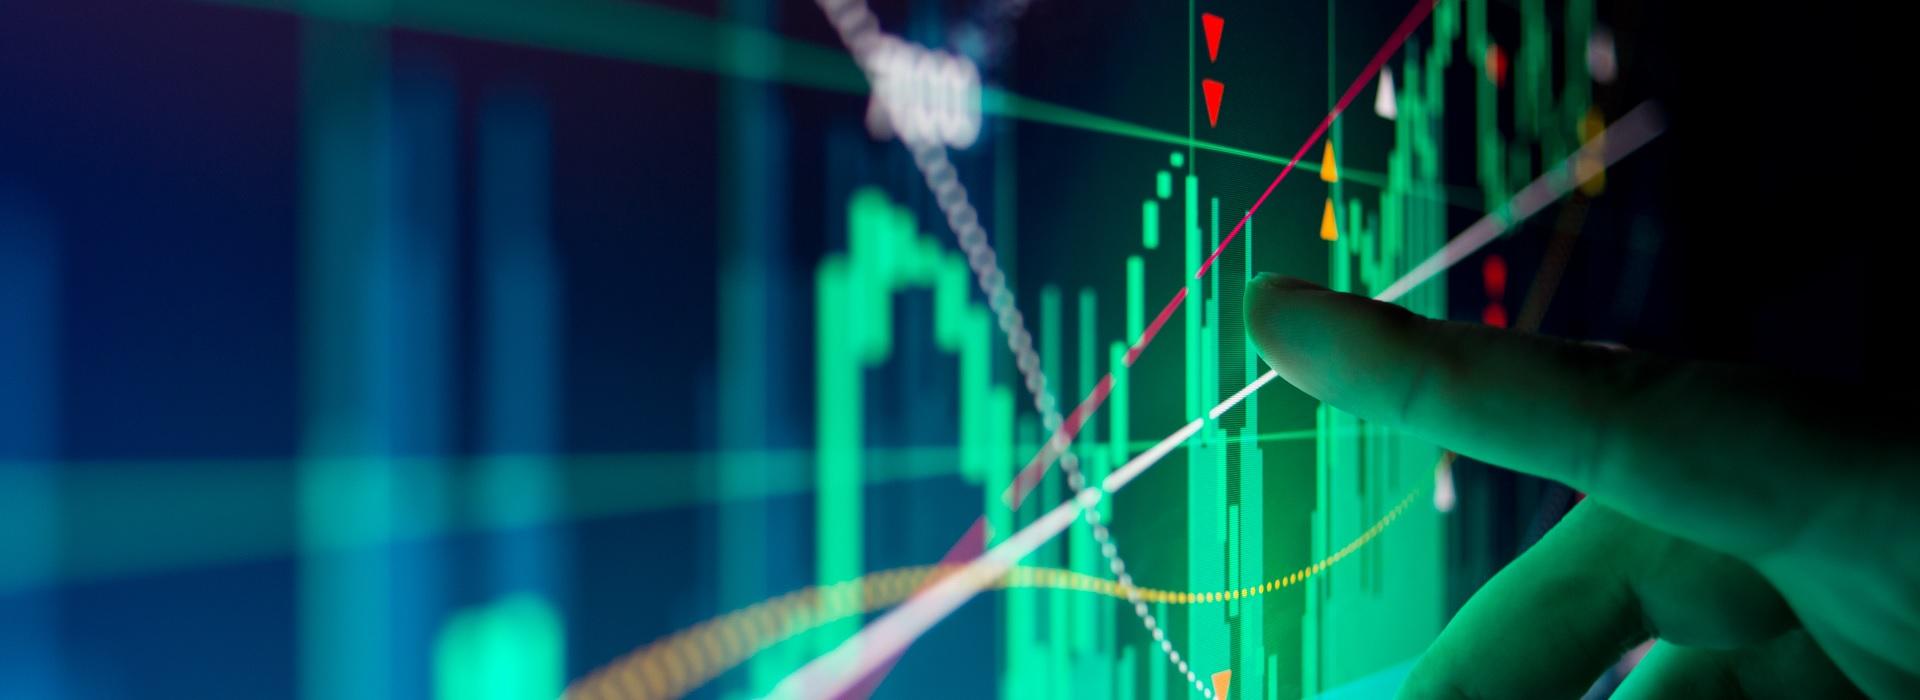 美股重挫 為何台股相對抗跌?